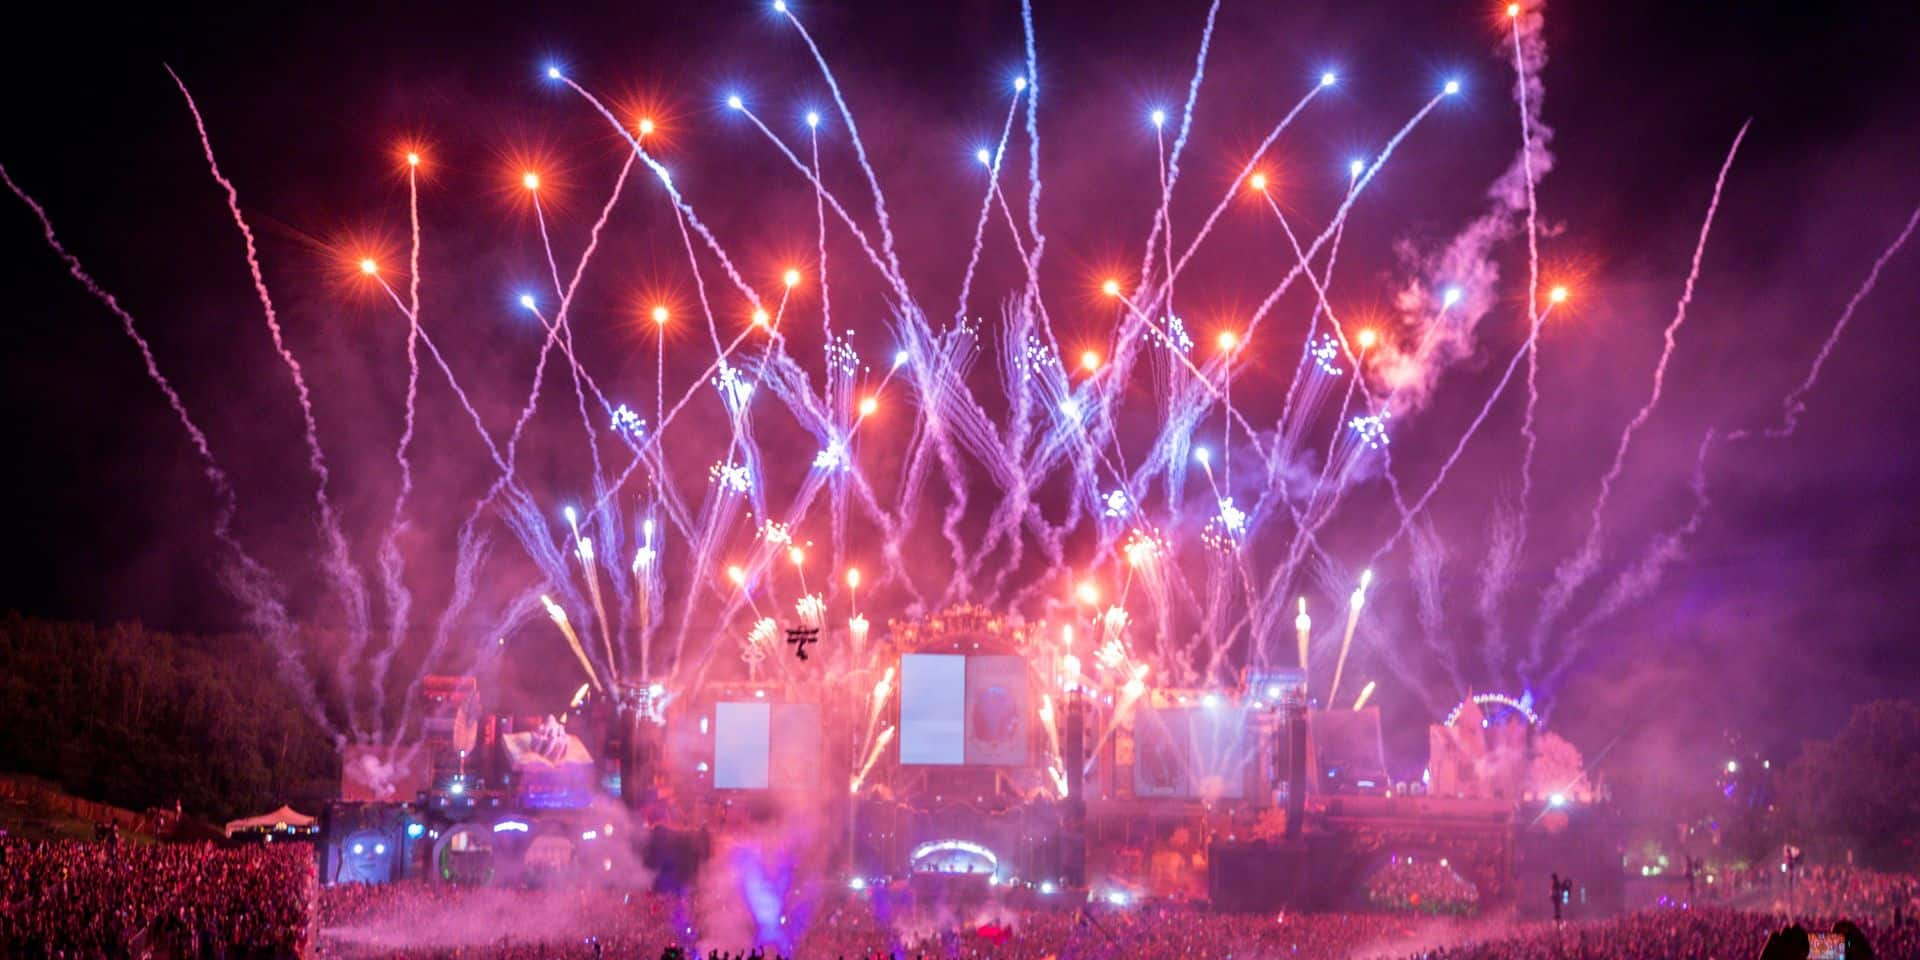 Les plus belles images de Tomorrowland (PHOTOS & VIDÉOS)